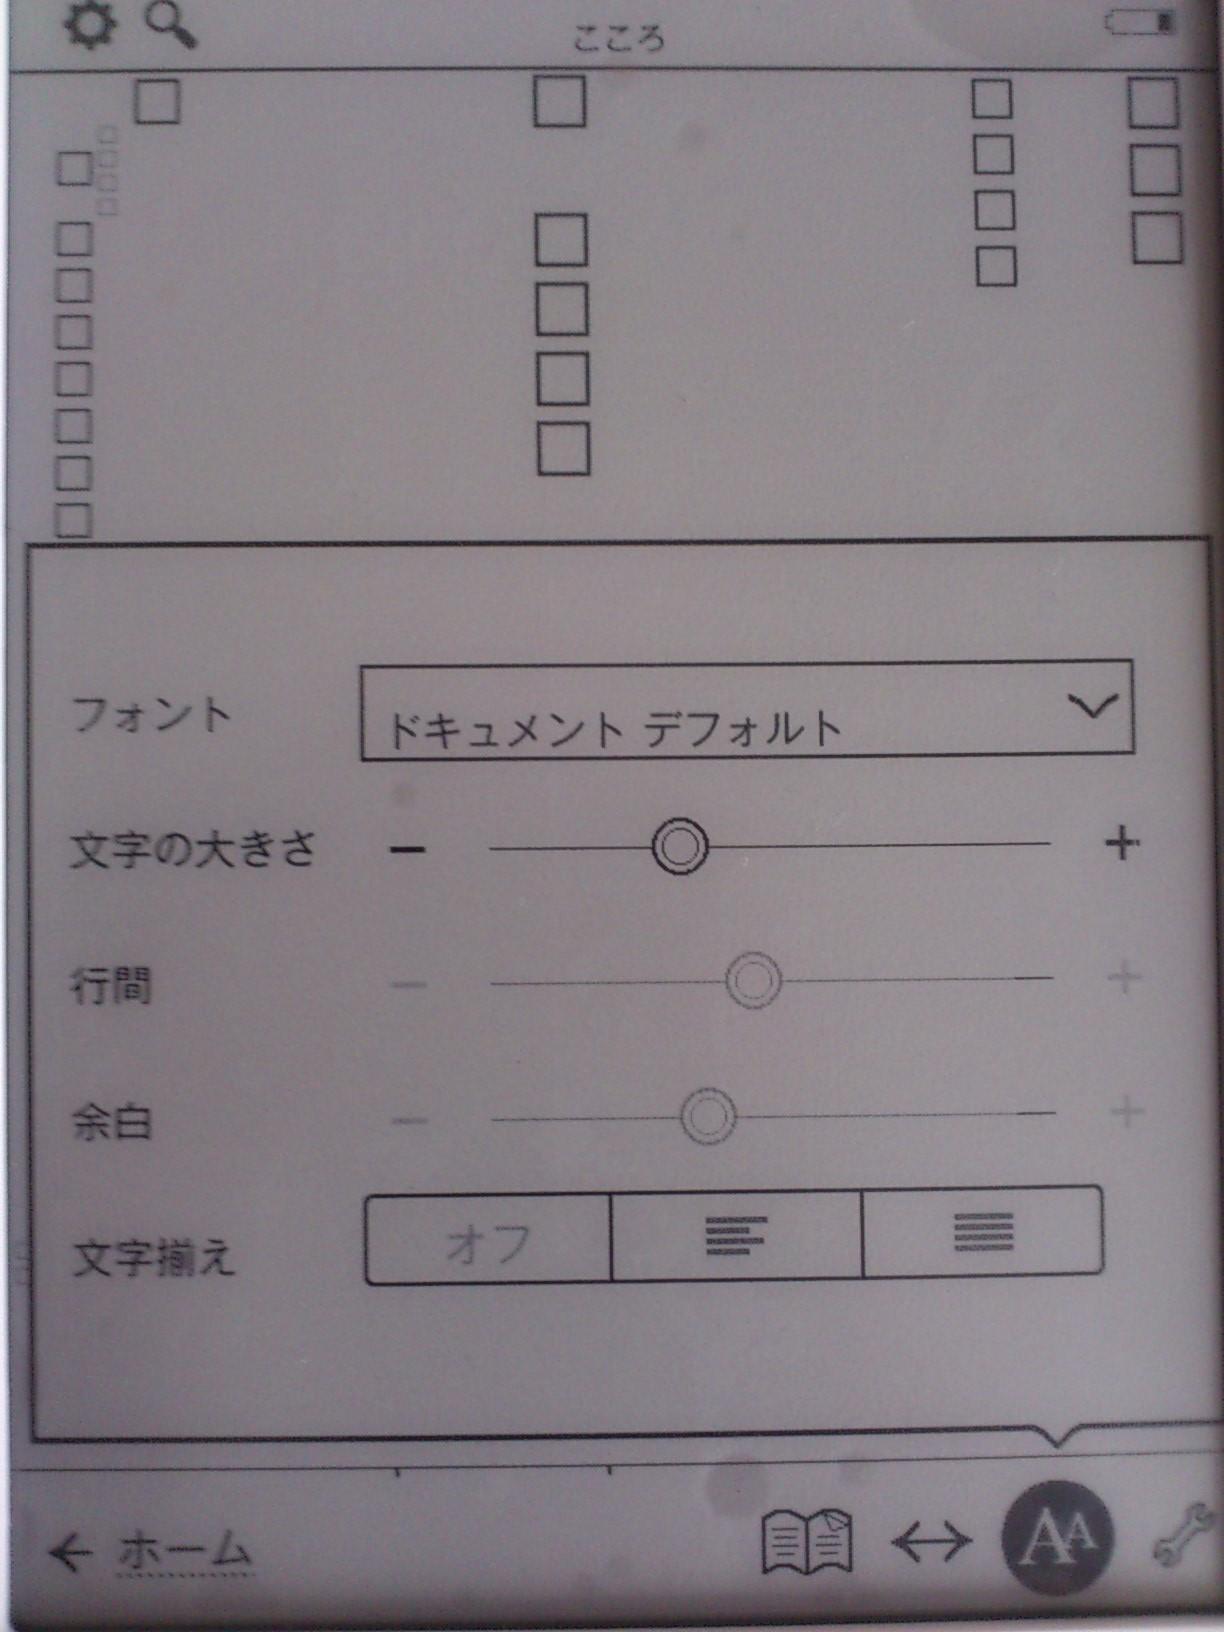 kobo_touch_book4.jpg